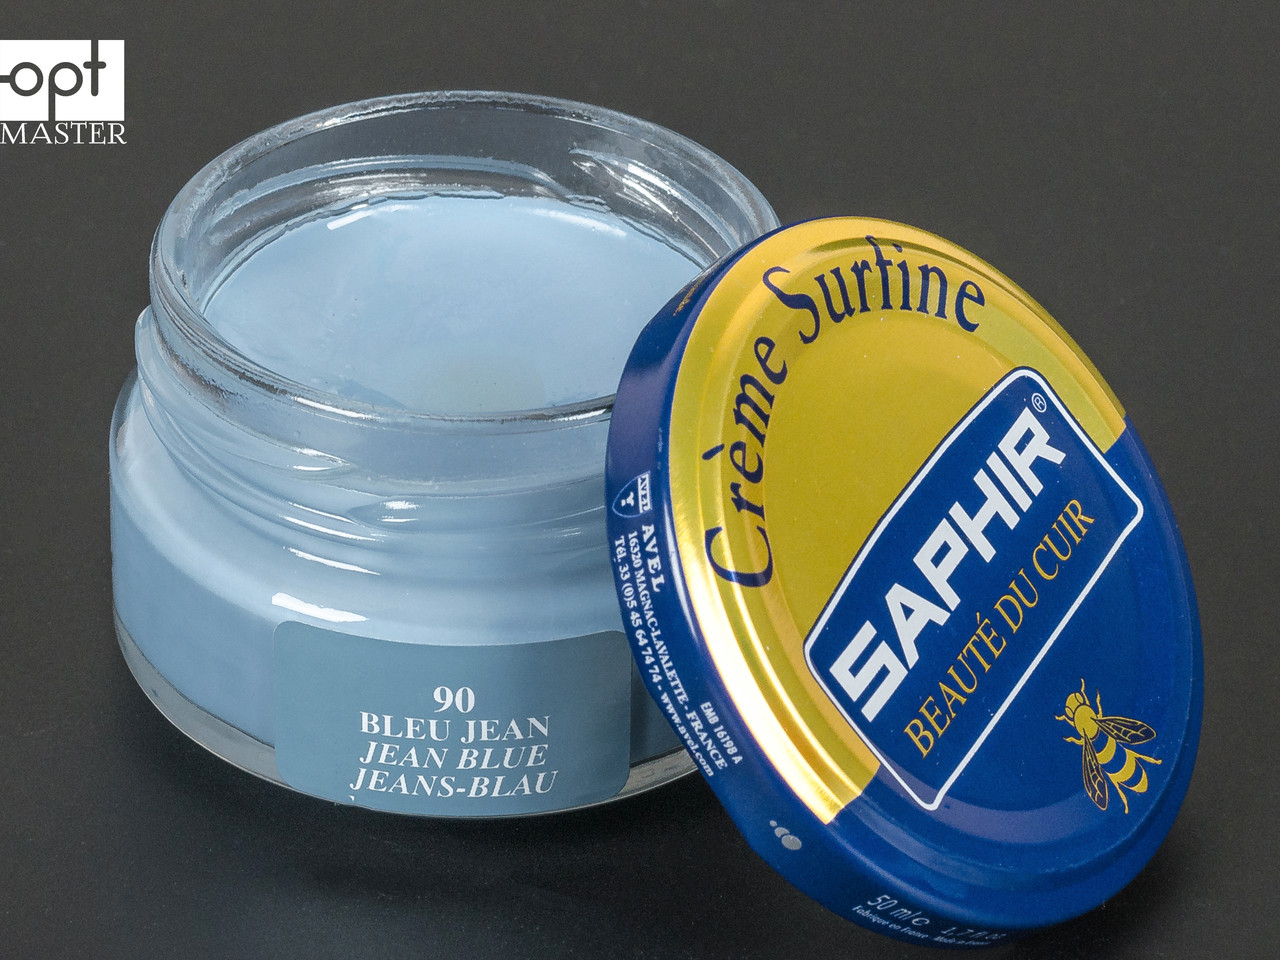 Увлажняющий крем для обуви Saphir Creme Surfine, цв. голубая джинса (90), 50 мл (0032)